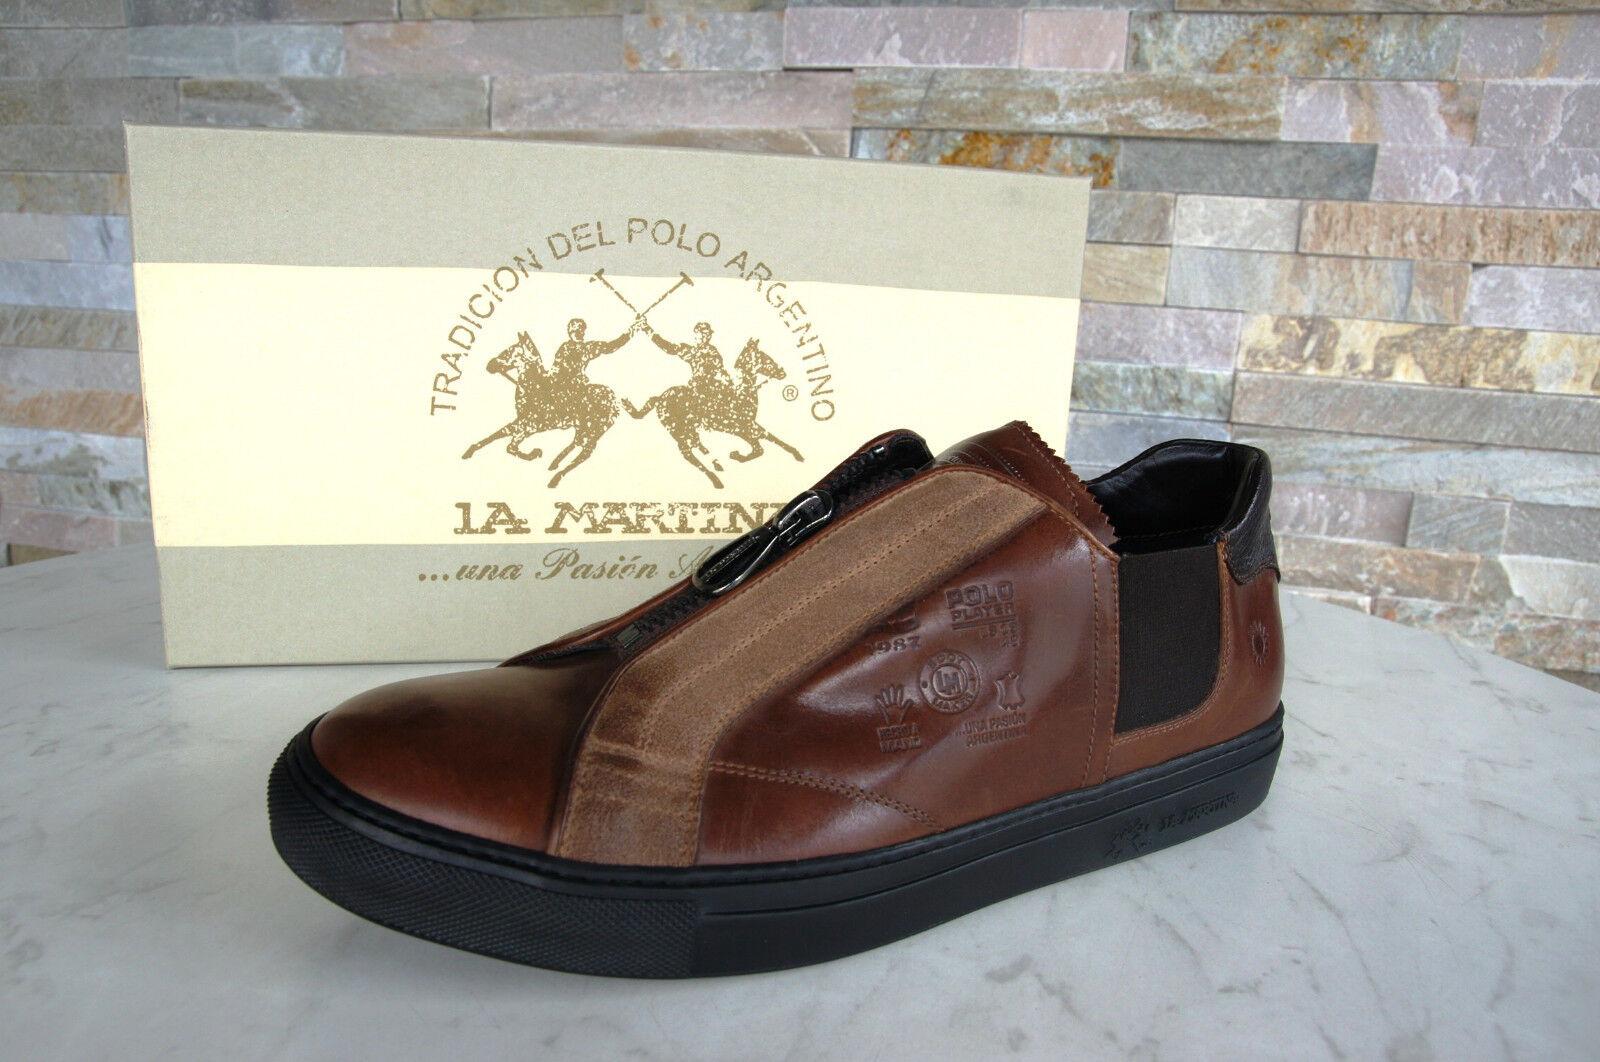 La MARTINA Taglia 42 scarpe da da da ginnastica Slipper Scarpe l4000150 Marroneee nuovo ex UVP ddac0d